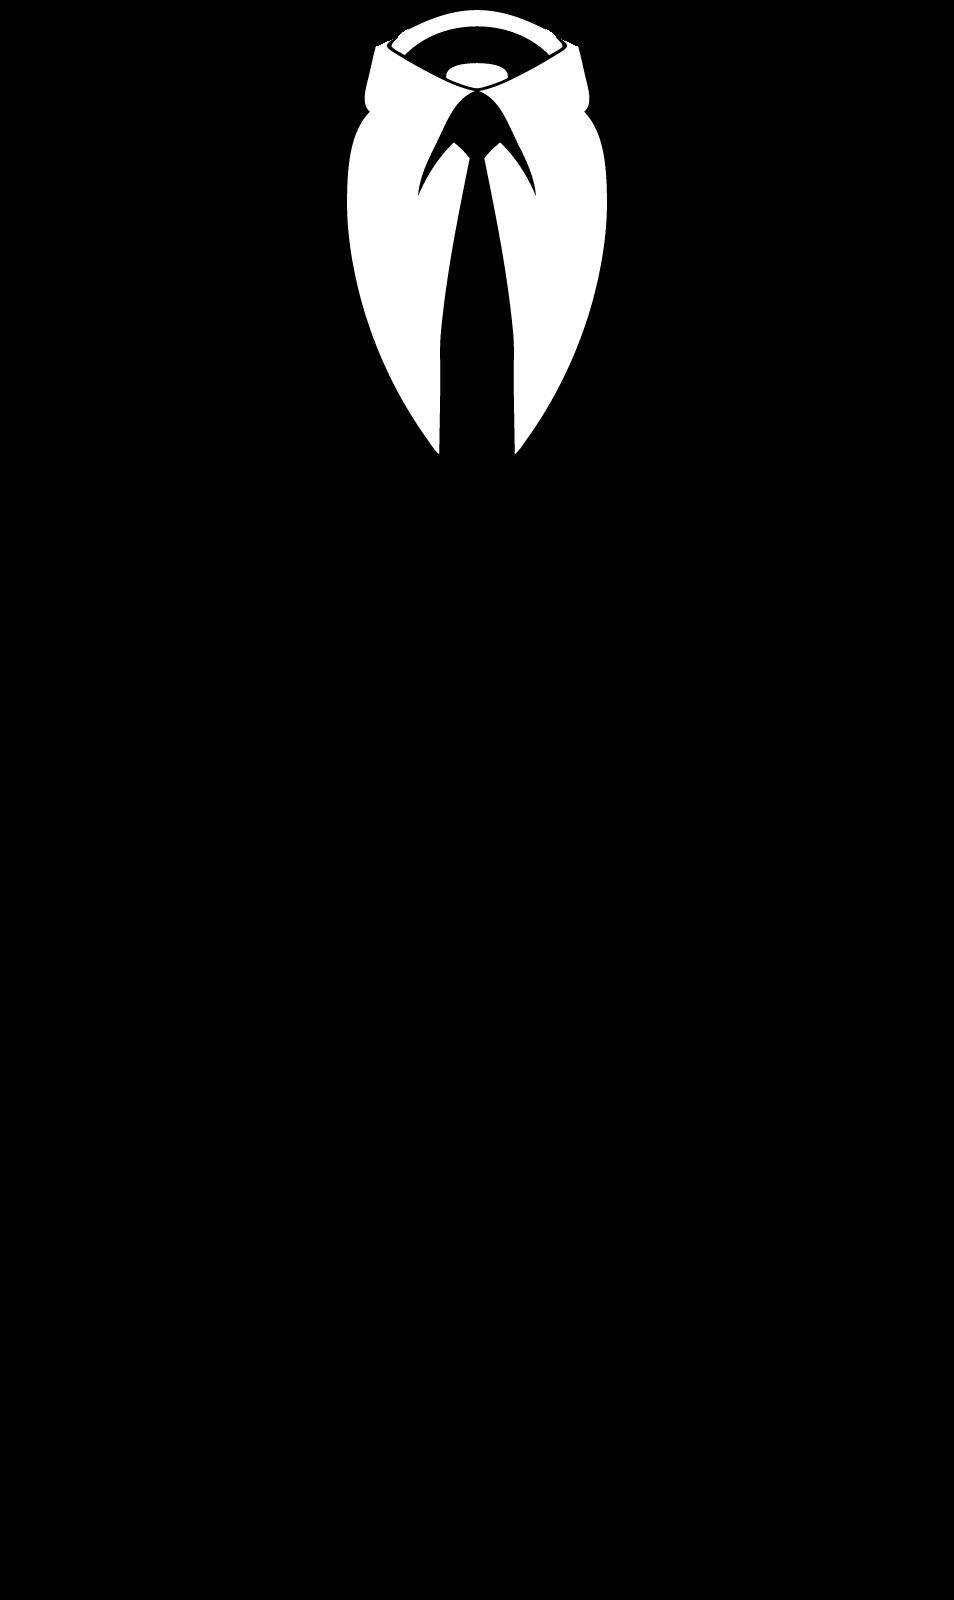 954x1600 Suit Silhouette Clipart